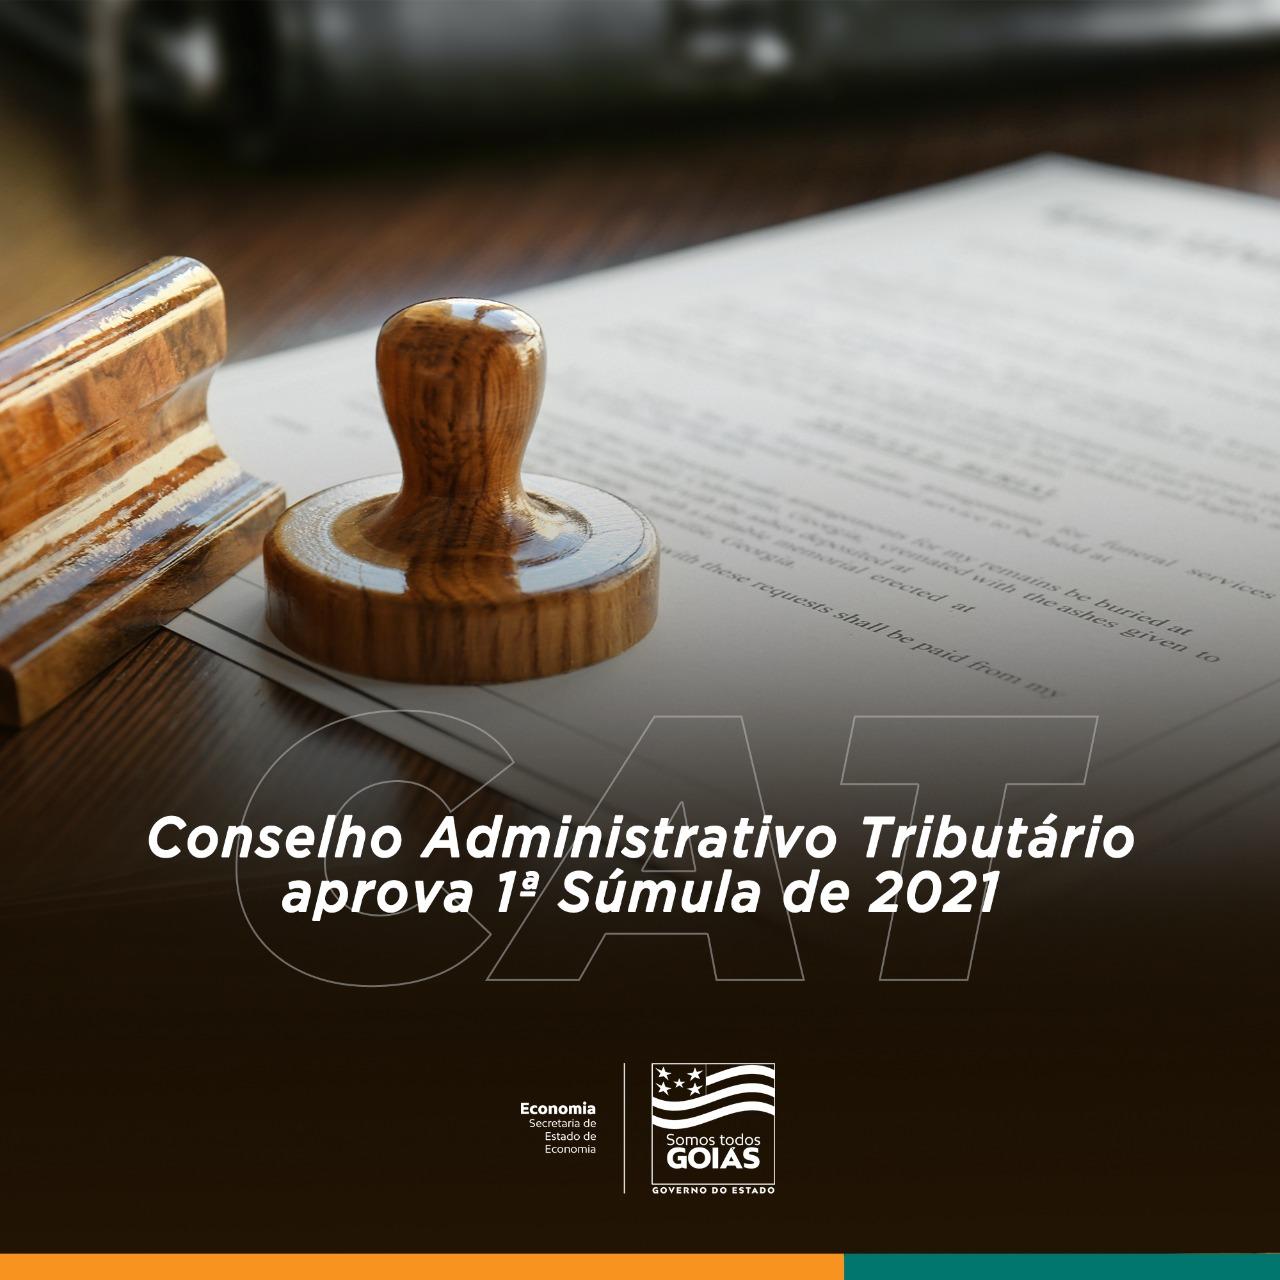 Conselho Administrativo Tributário aprova 1ª Súmula de 2021 – Goiás